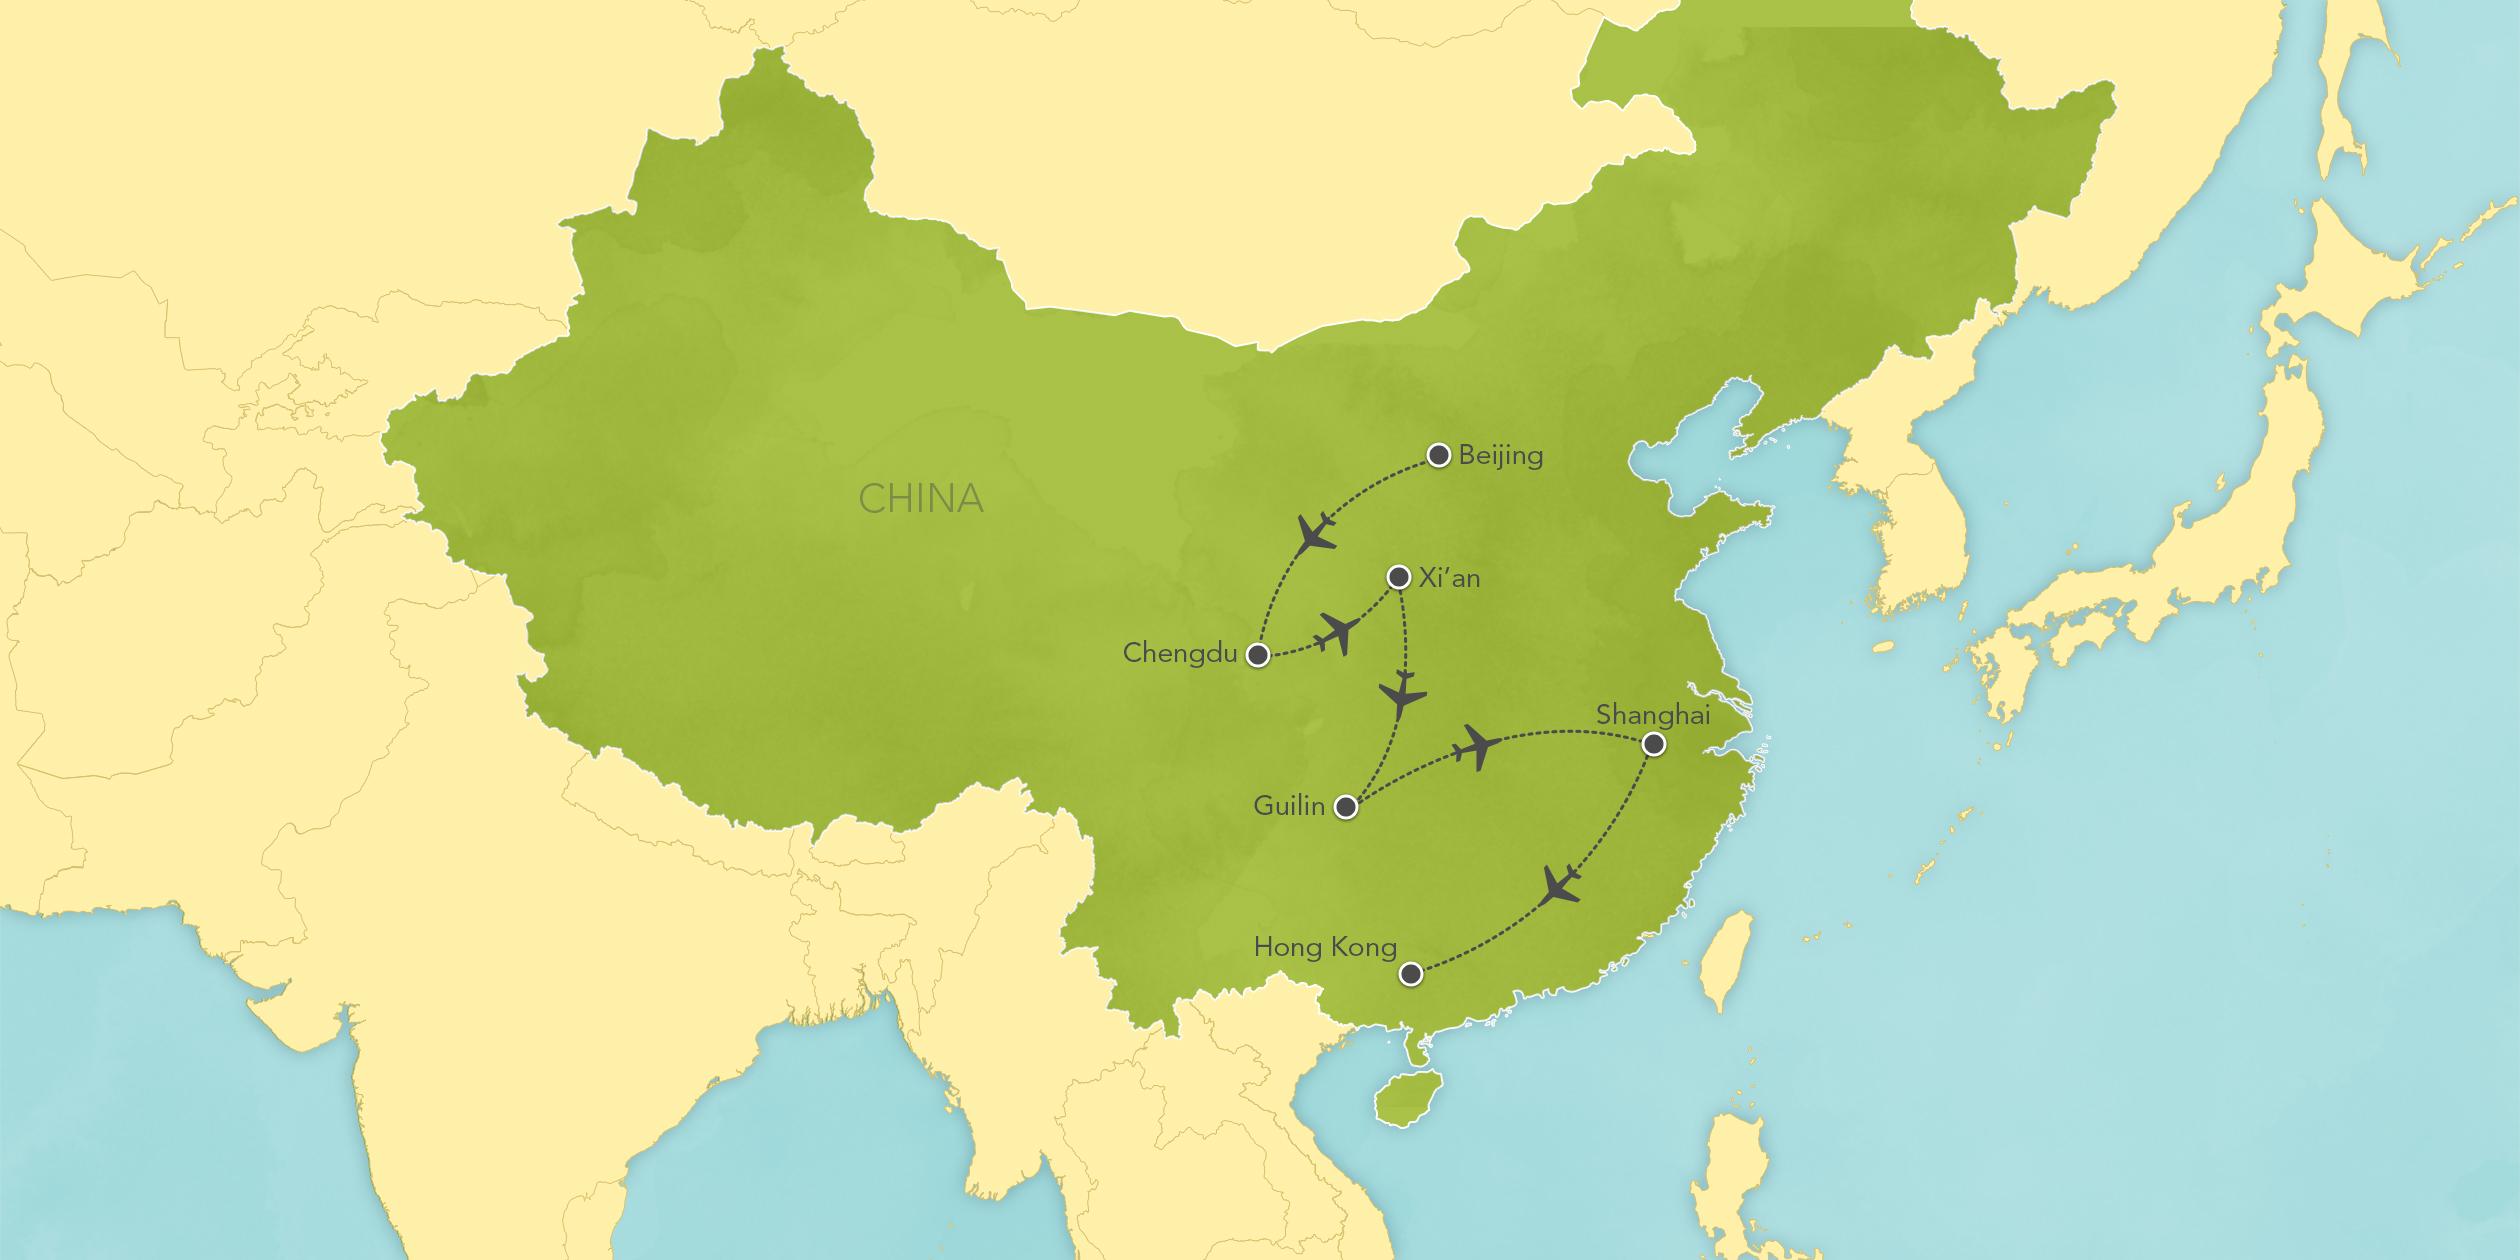 Itinerary map of China: Chengdu, Xi